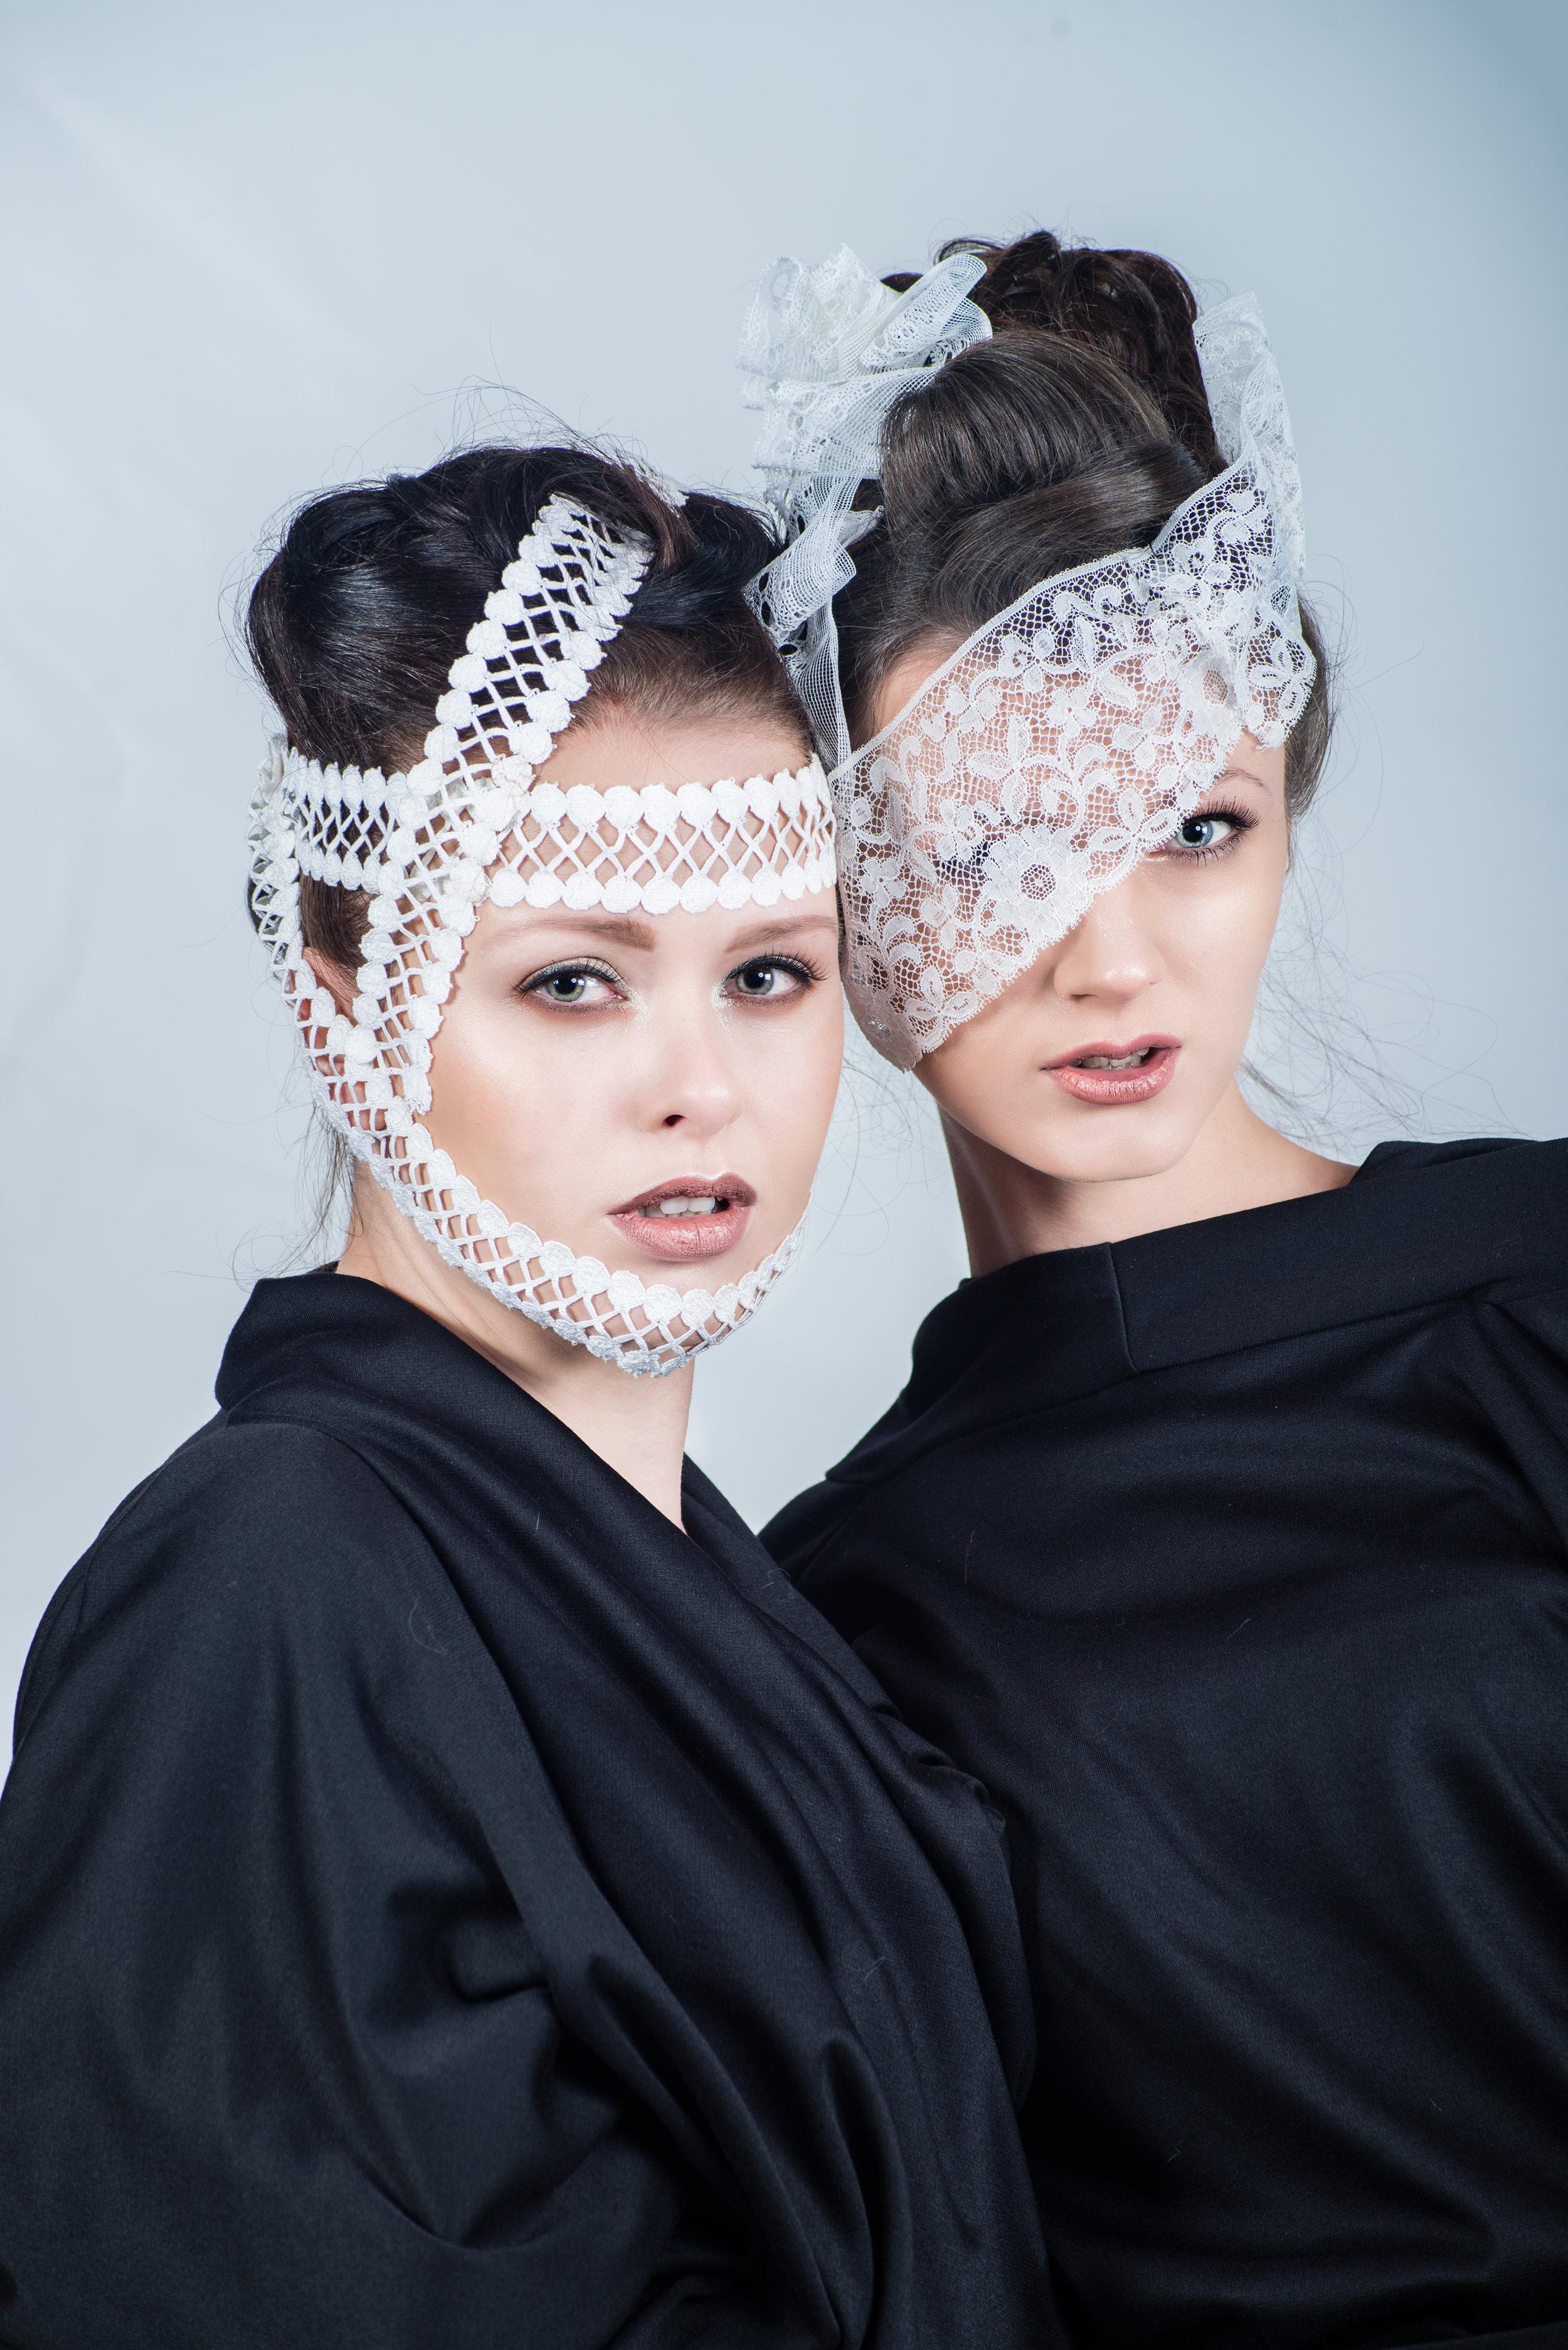 zaramia-ava-zaramiaava-leeds-fashion-designer-ethical-sustainable-tailored-minimalist-aya-lace-black-obi-belt-dress-versatile-drape-cowl-styling-studio-womenswear-models-photoshoot-black-white-2